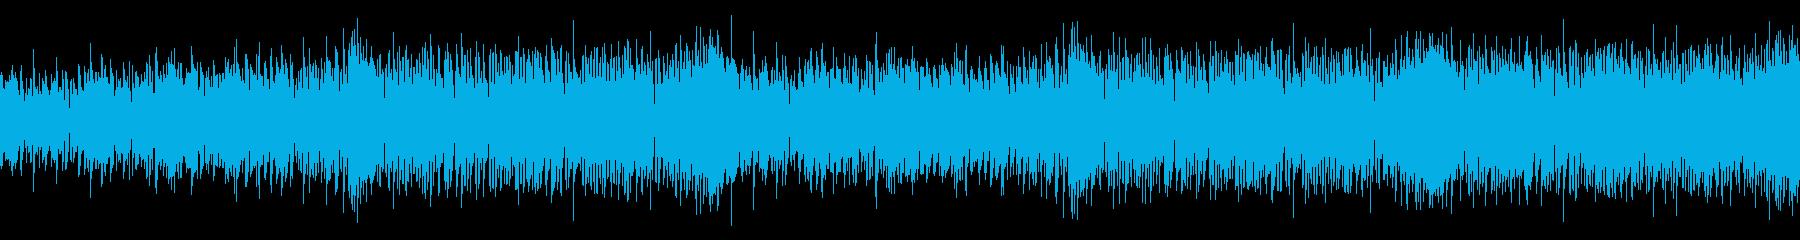 爽やかな夏のオープニングに生演奏ウクレレの再生済みの波形